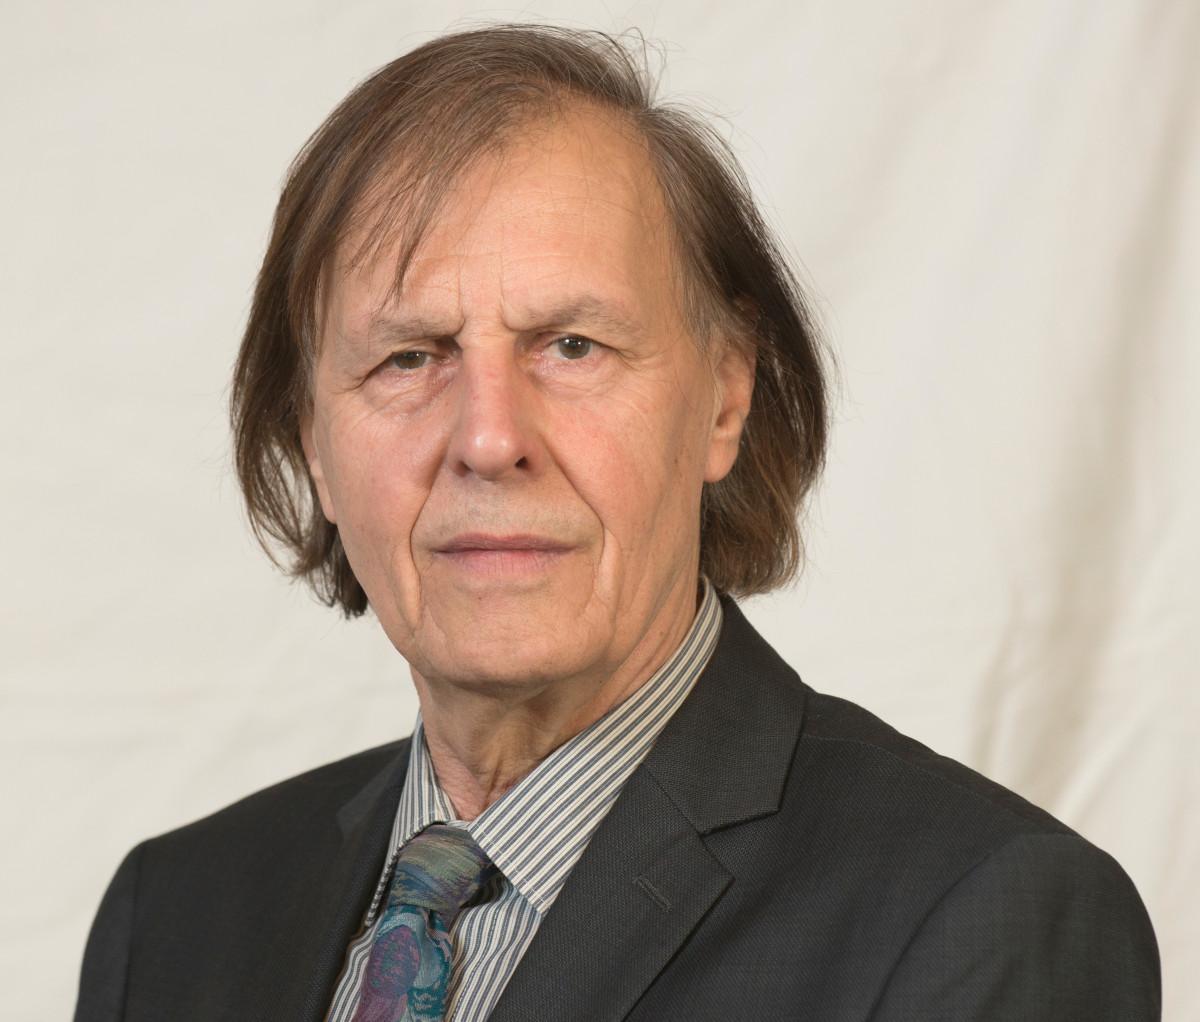 Detlev Spangenberg (AfD)